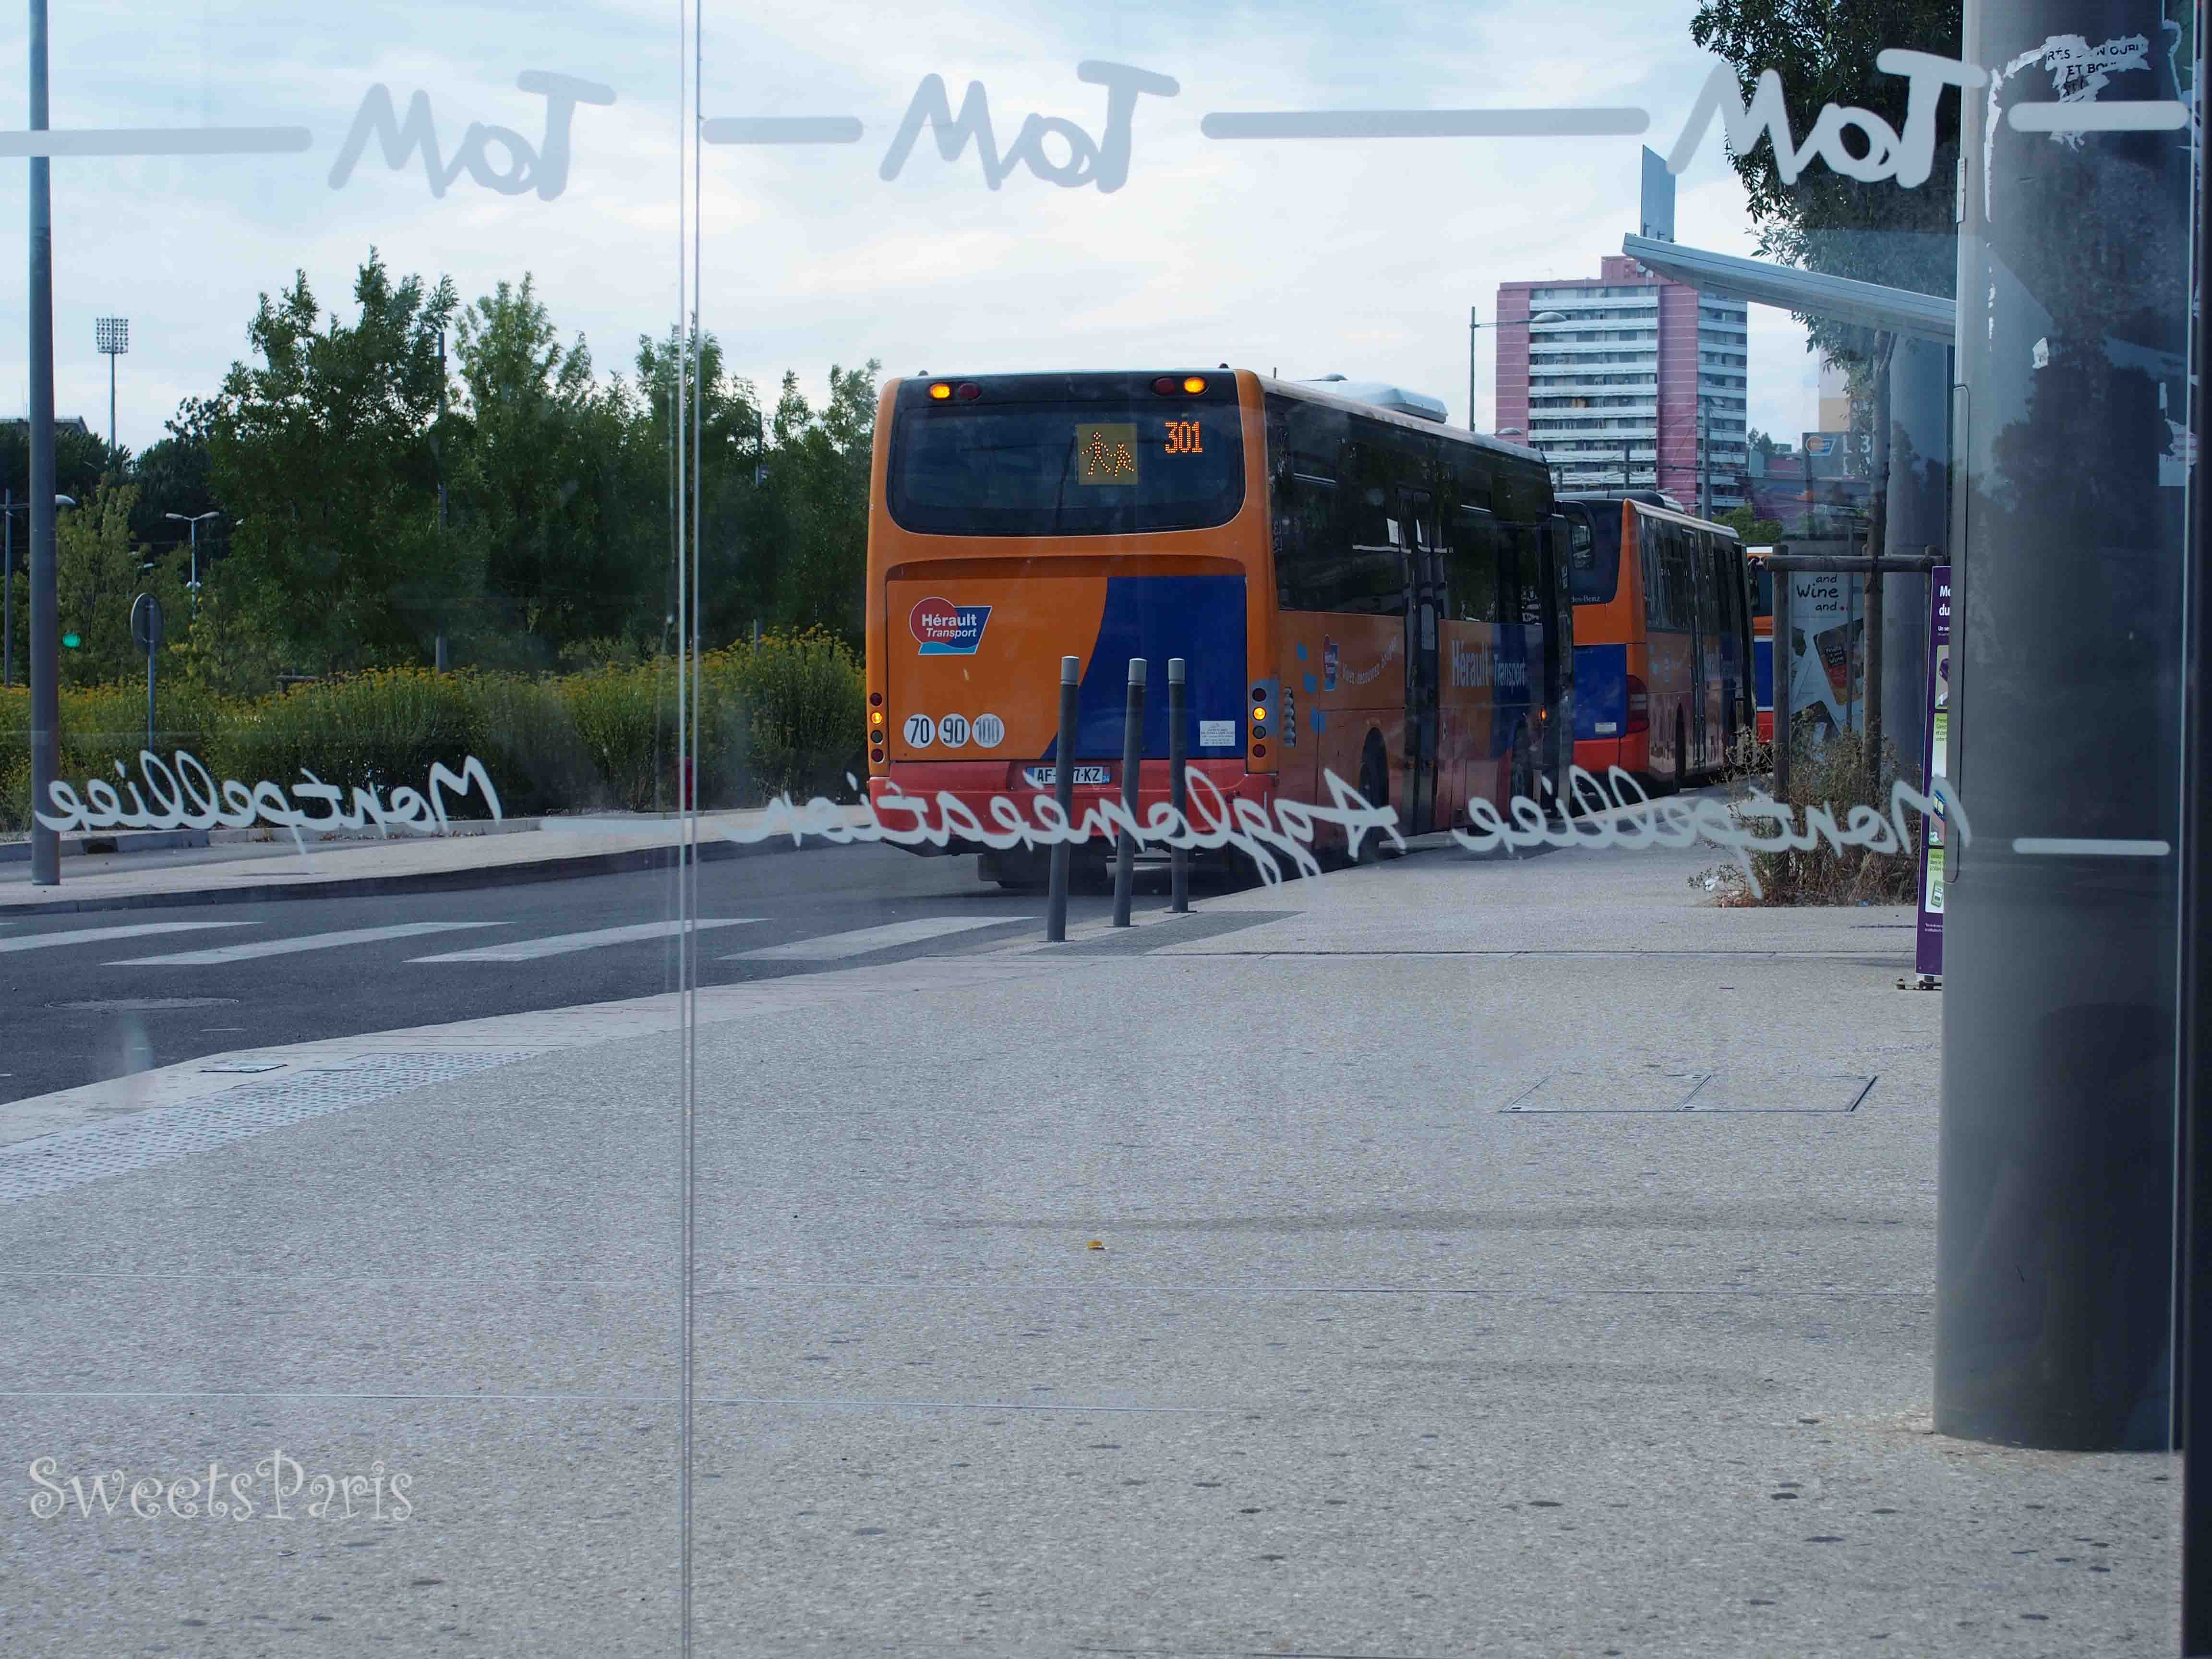 モンペリエのバス乗り場